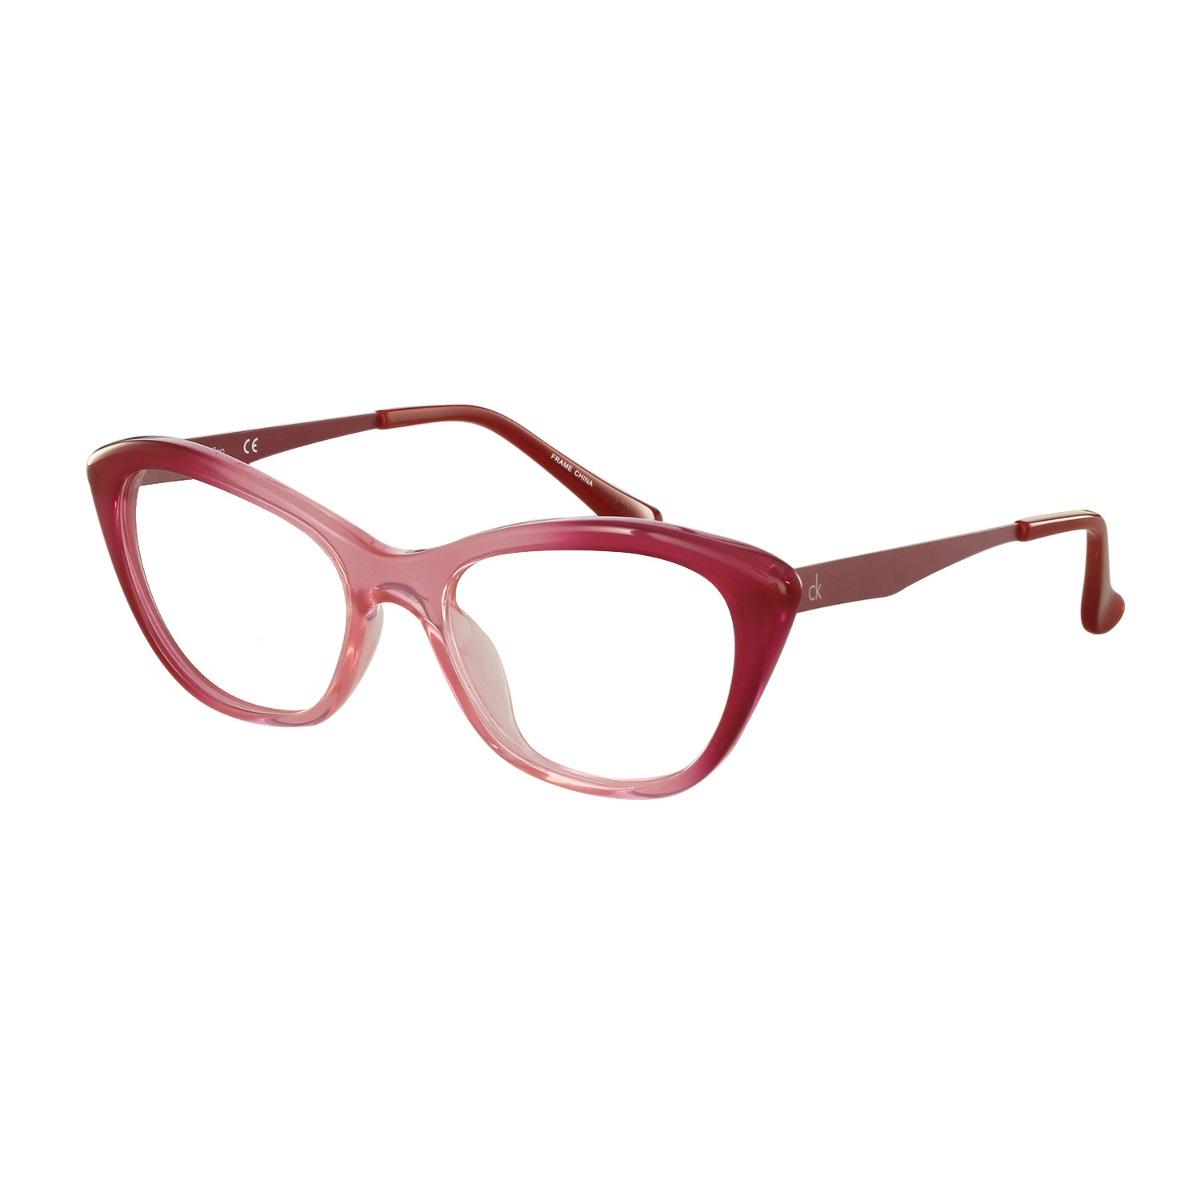 Óculos De Grau Calvin Klein Gatinho Rosa - R  434,00 em Mercado Livre 4863160c96